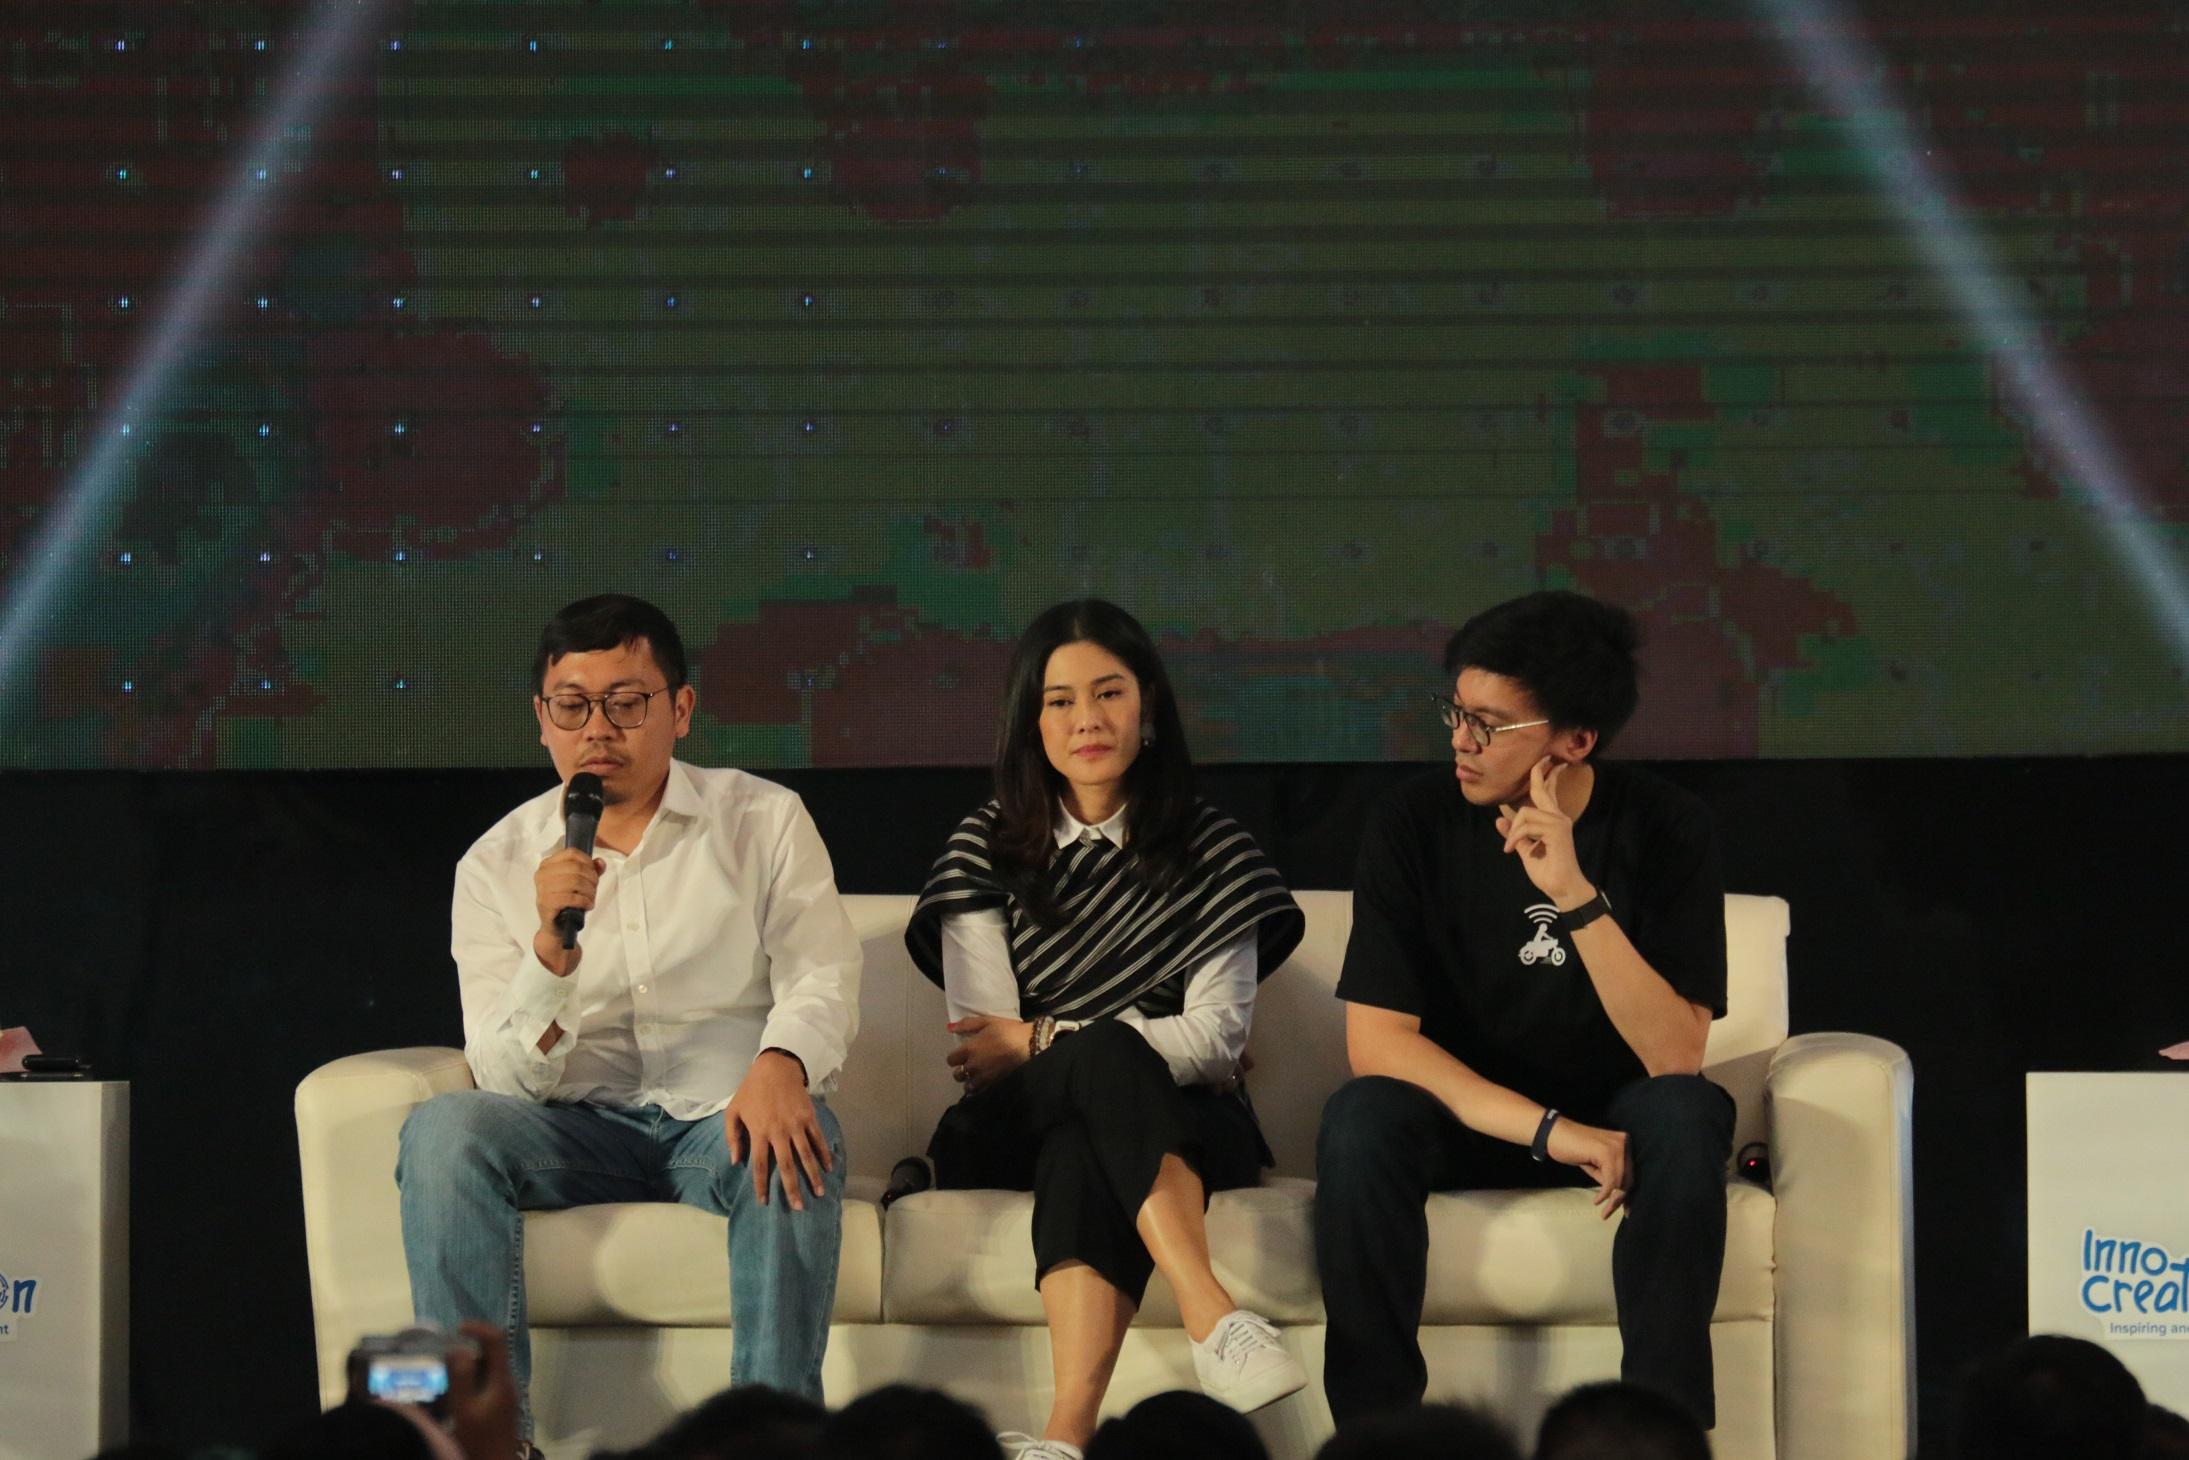 Ajang Innocrativation yang juga dihadiri aktris Dian Sastro di Surabaya